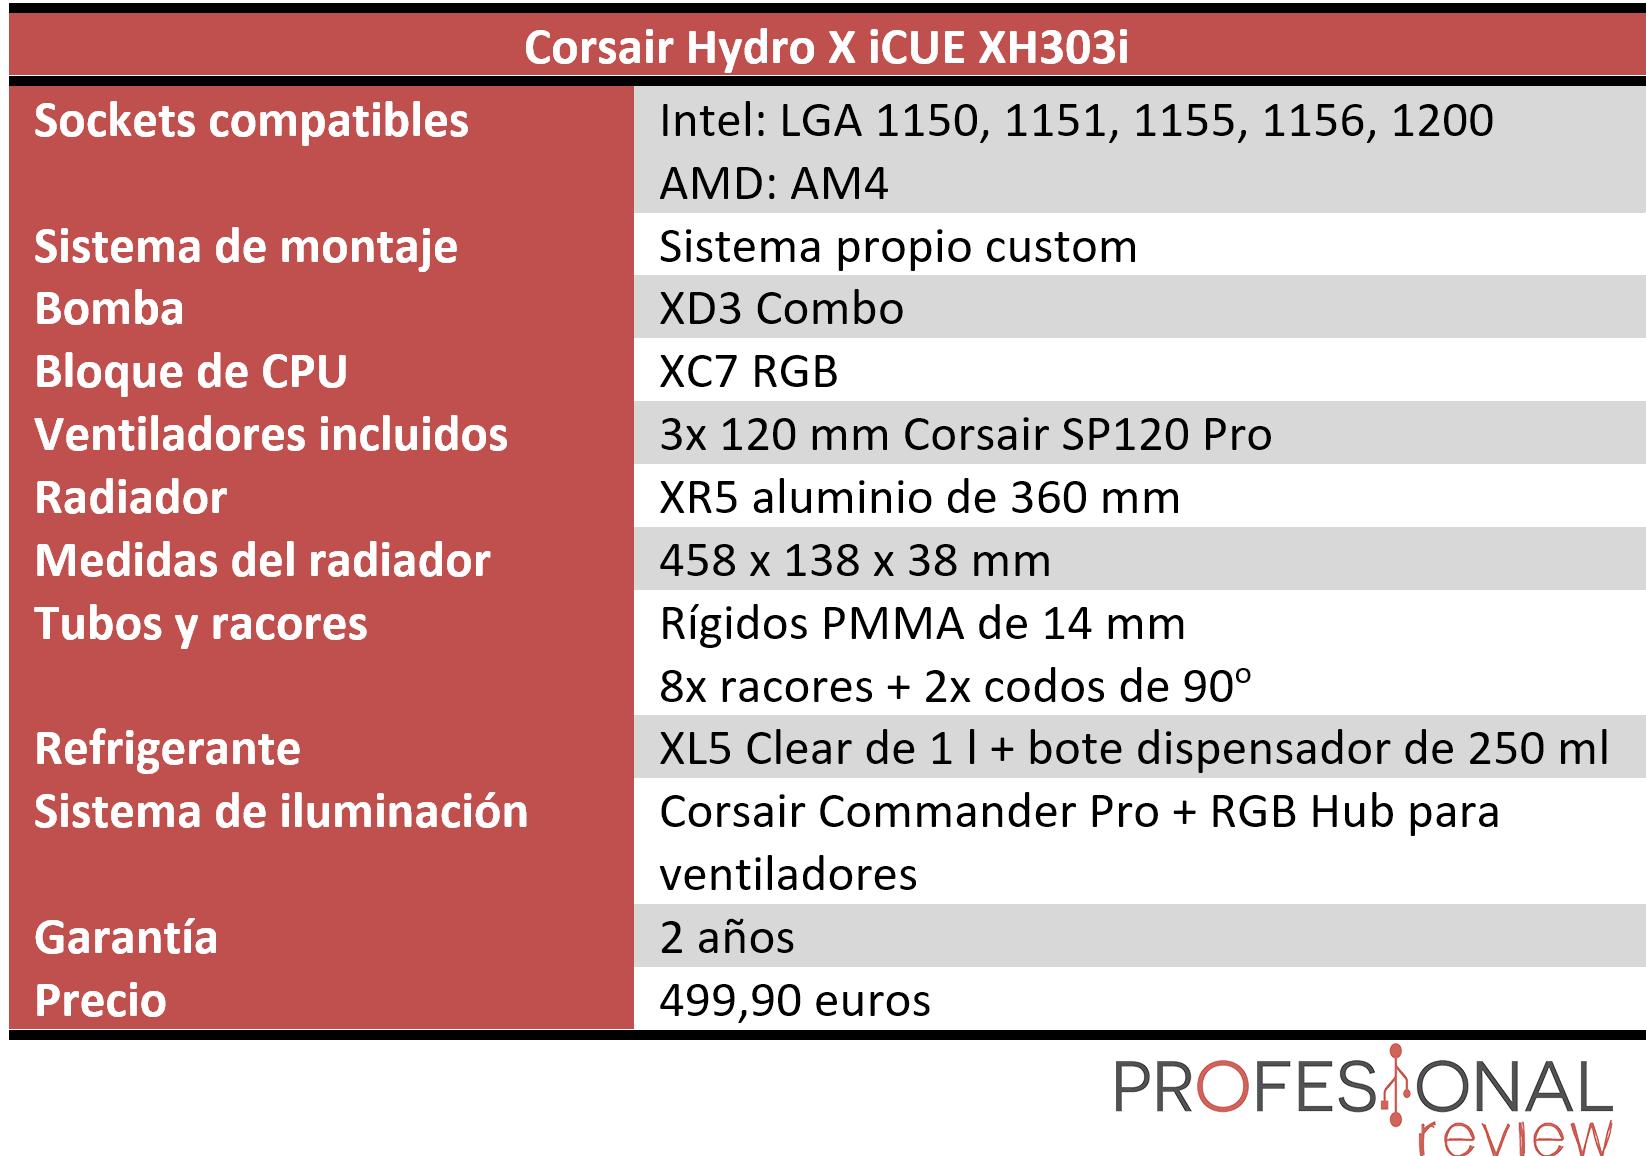 Corsair Hydro X iCUE XH303i Características